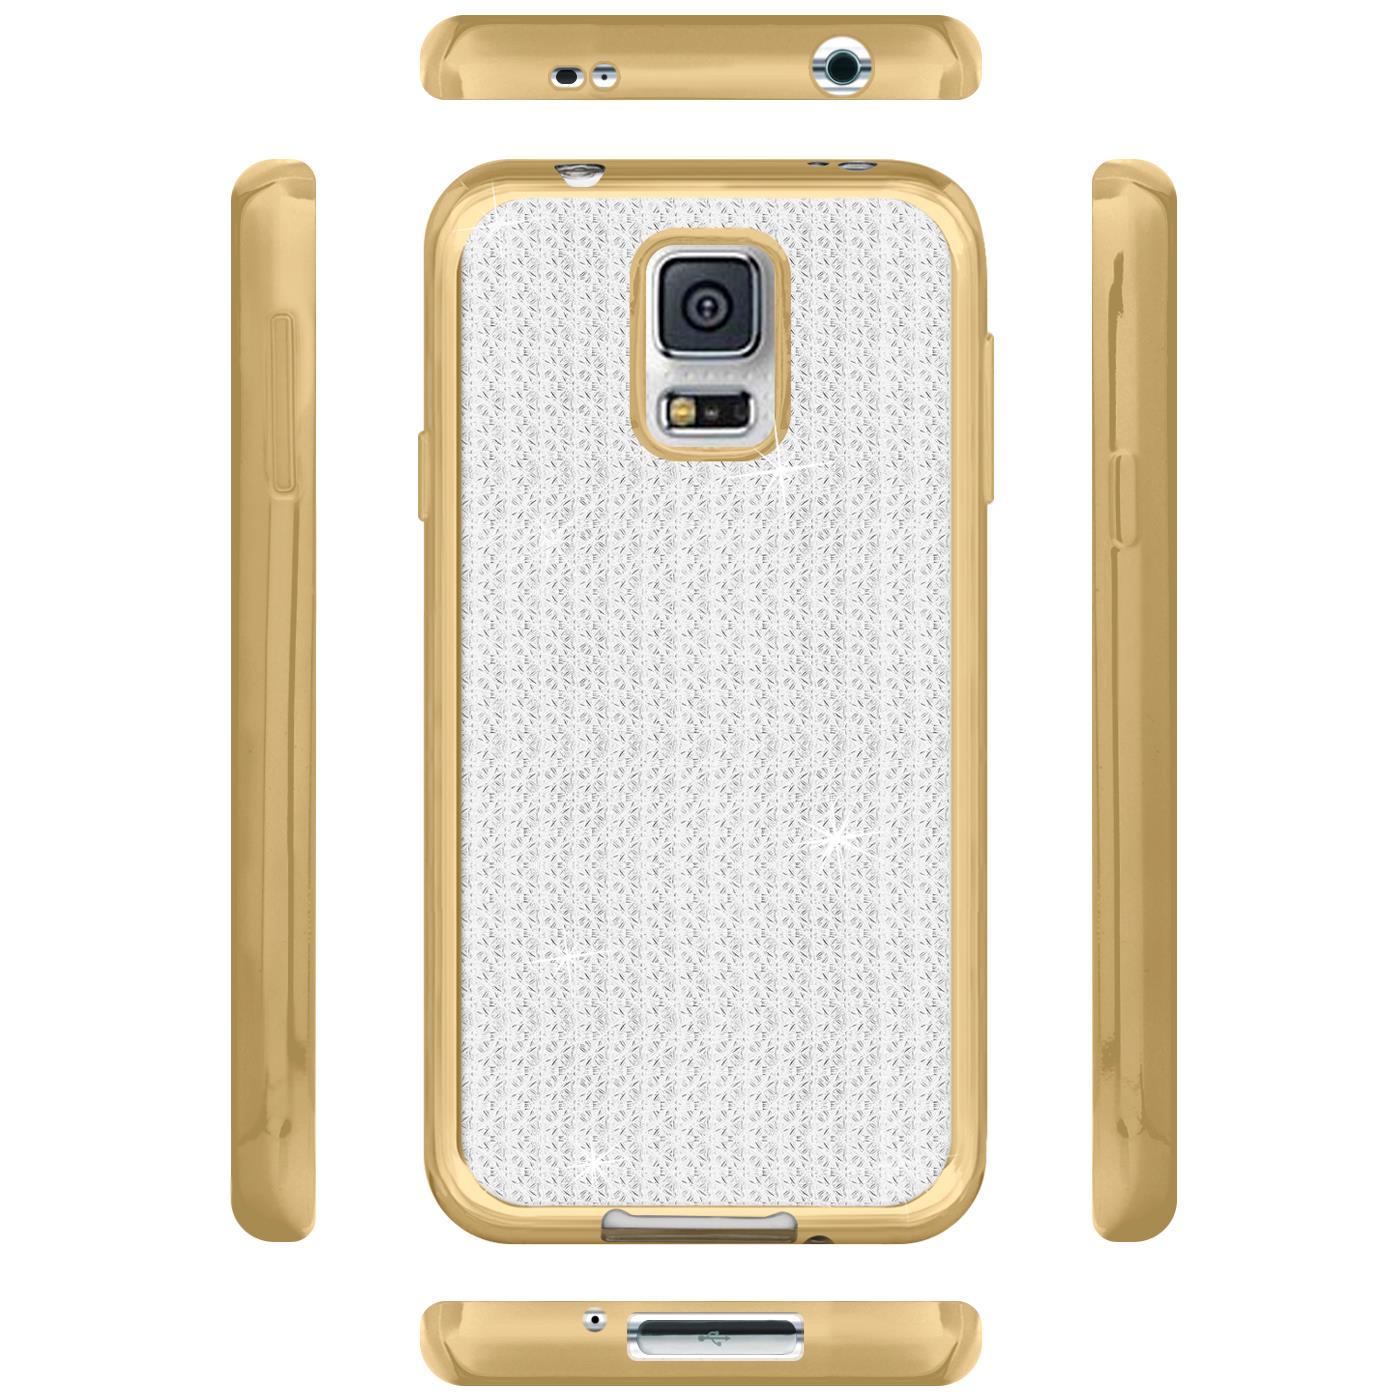 miniatura 5 - Funda para Móvil samsung Galaxy S5 Neo Protectora de Silicona Brillantina